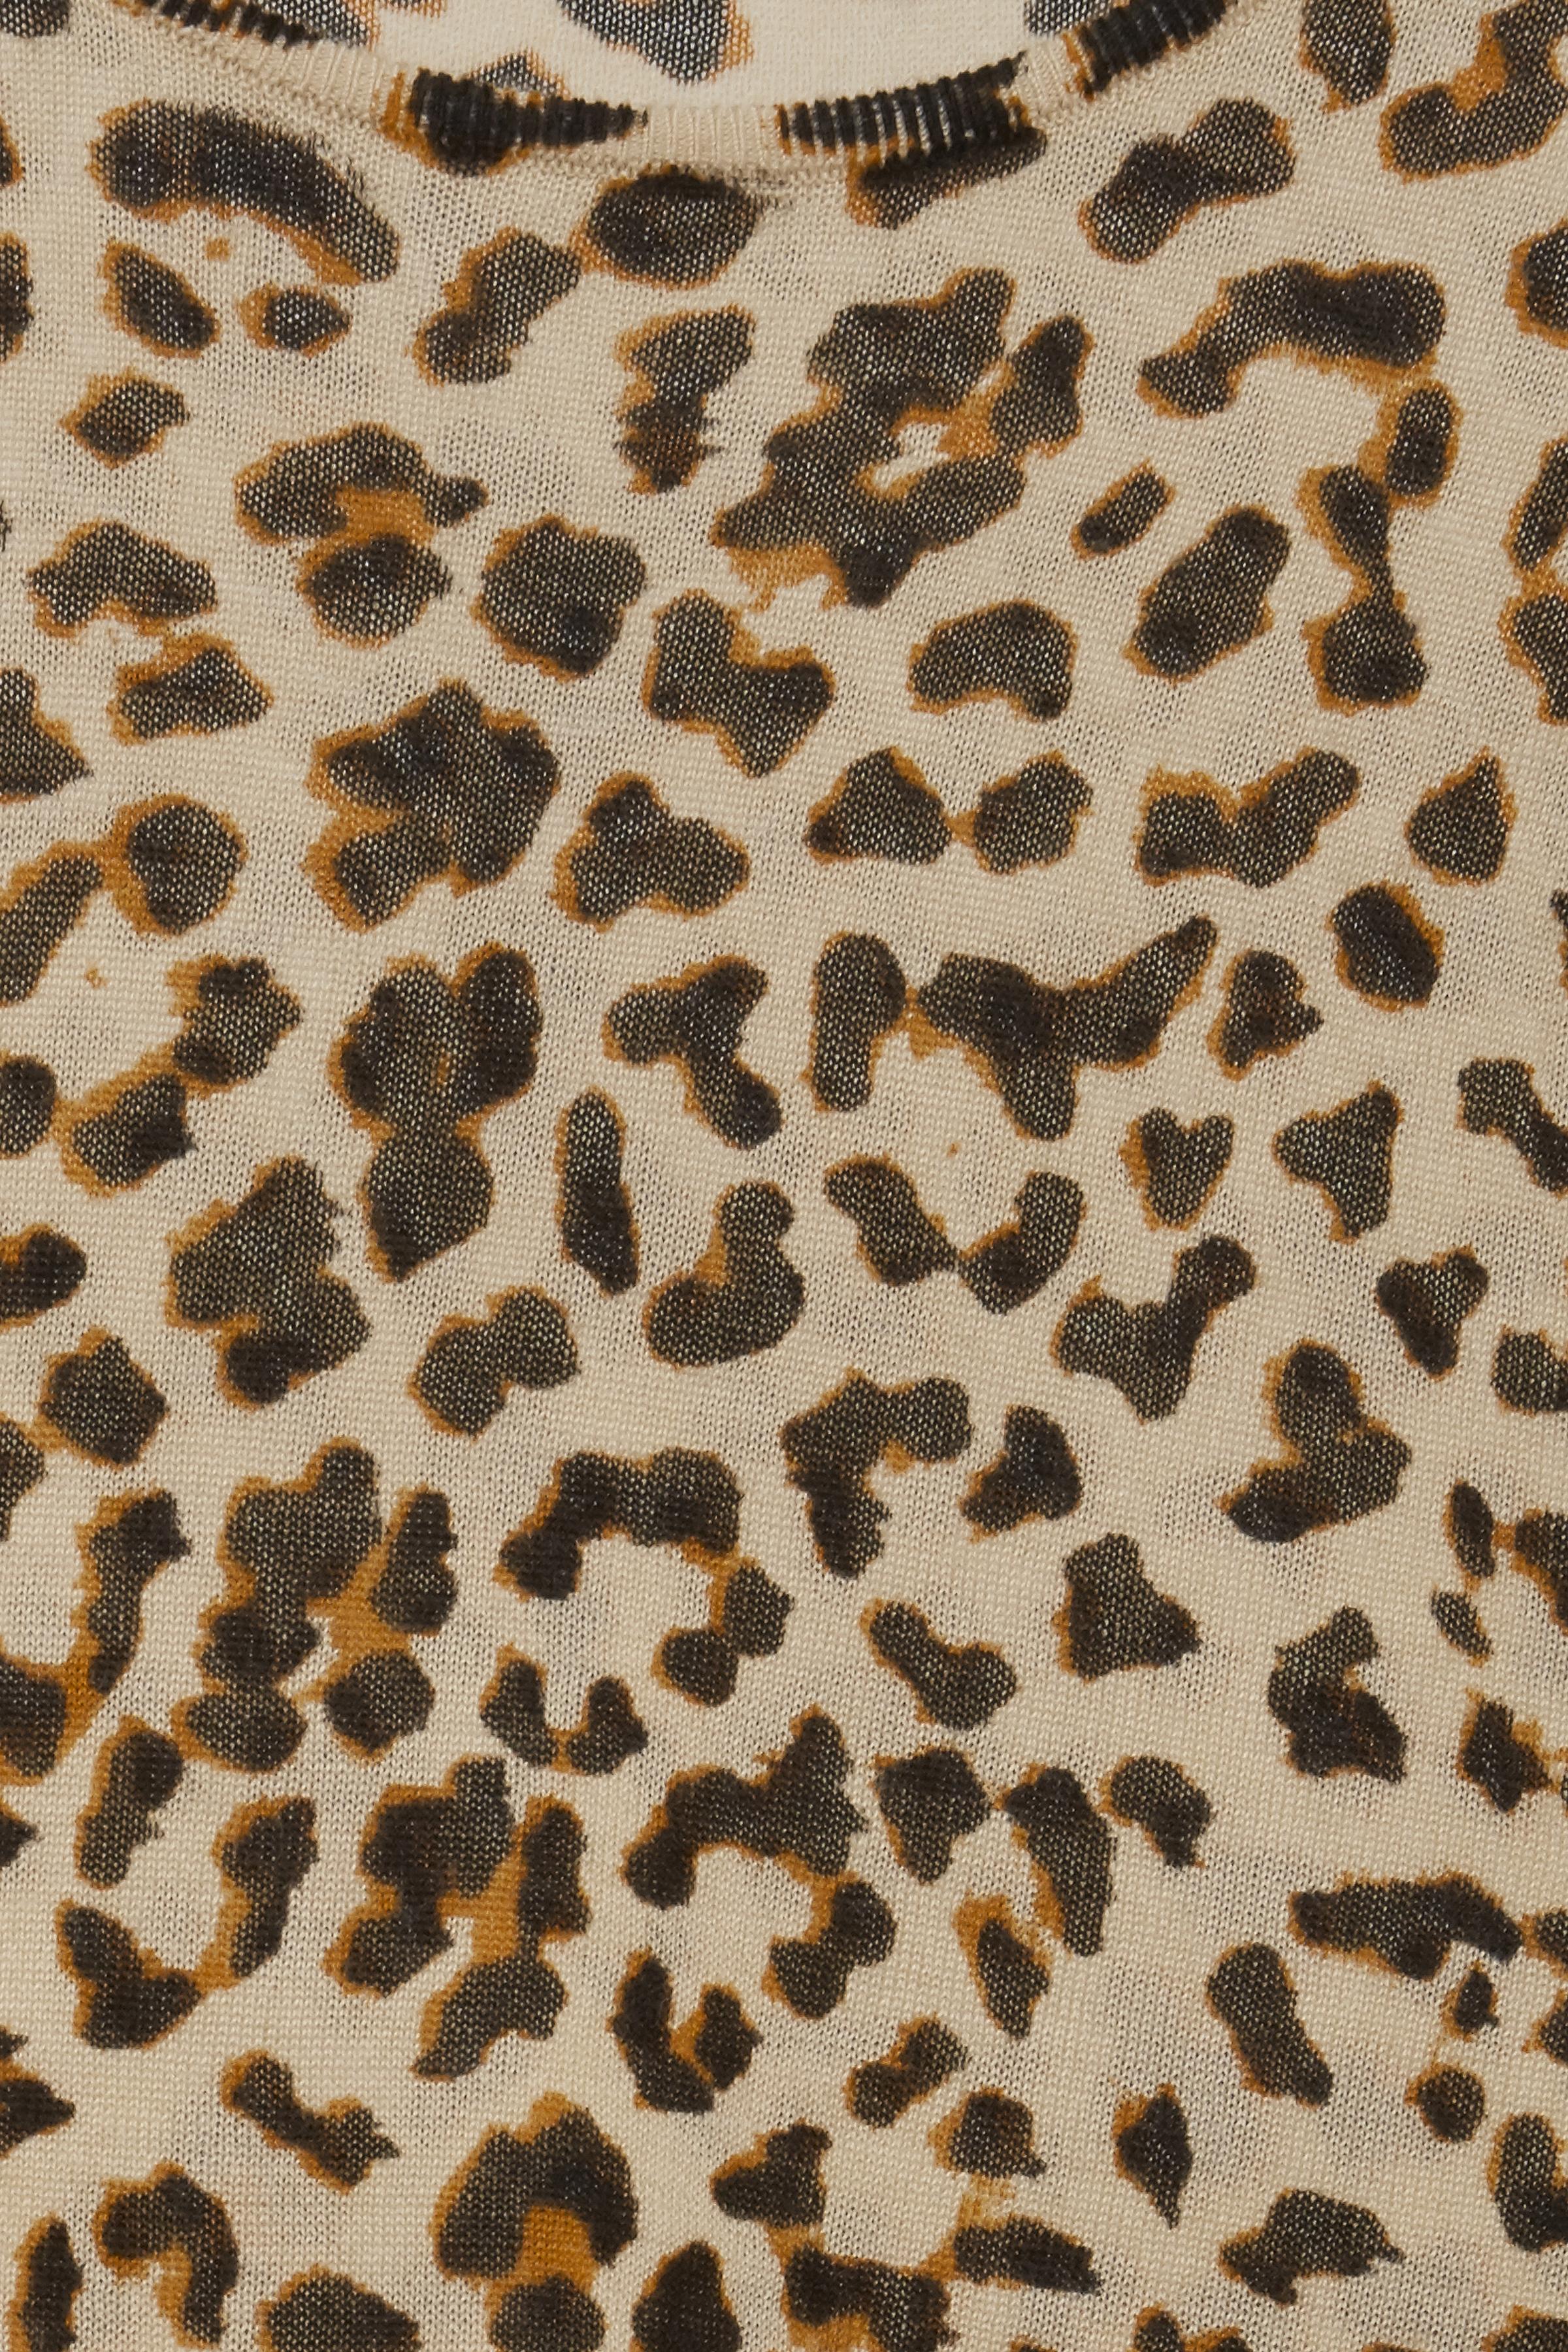 Moonlight combi Stickad pullover från b.young – Köp Moonlight combi Stickad pullover från storlek XS-XXL här